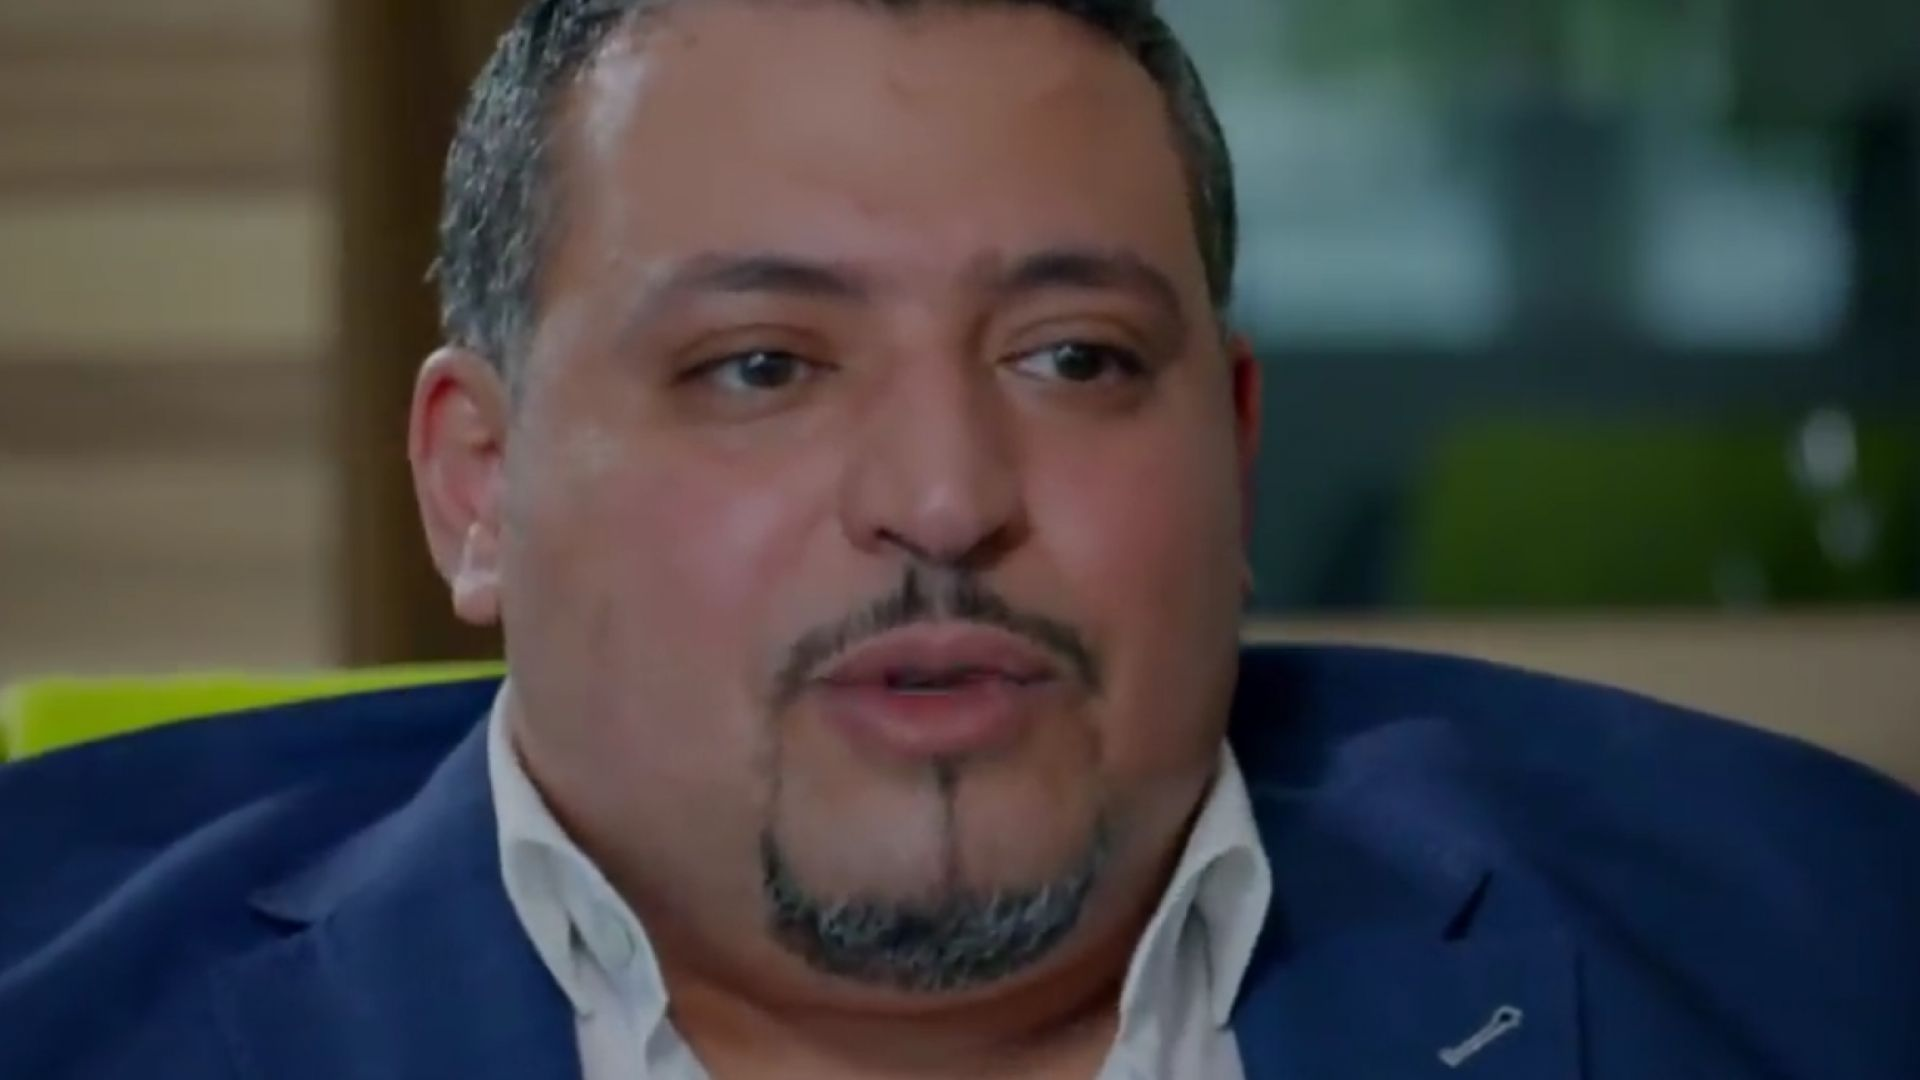 """""""Знаех си, че е капан"""" - саудитски принц в изгнание избегнал отвличане преди Кашоги"""